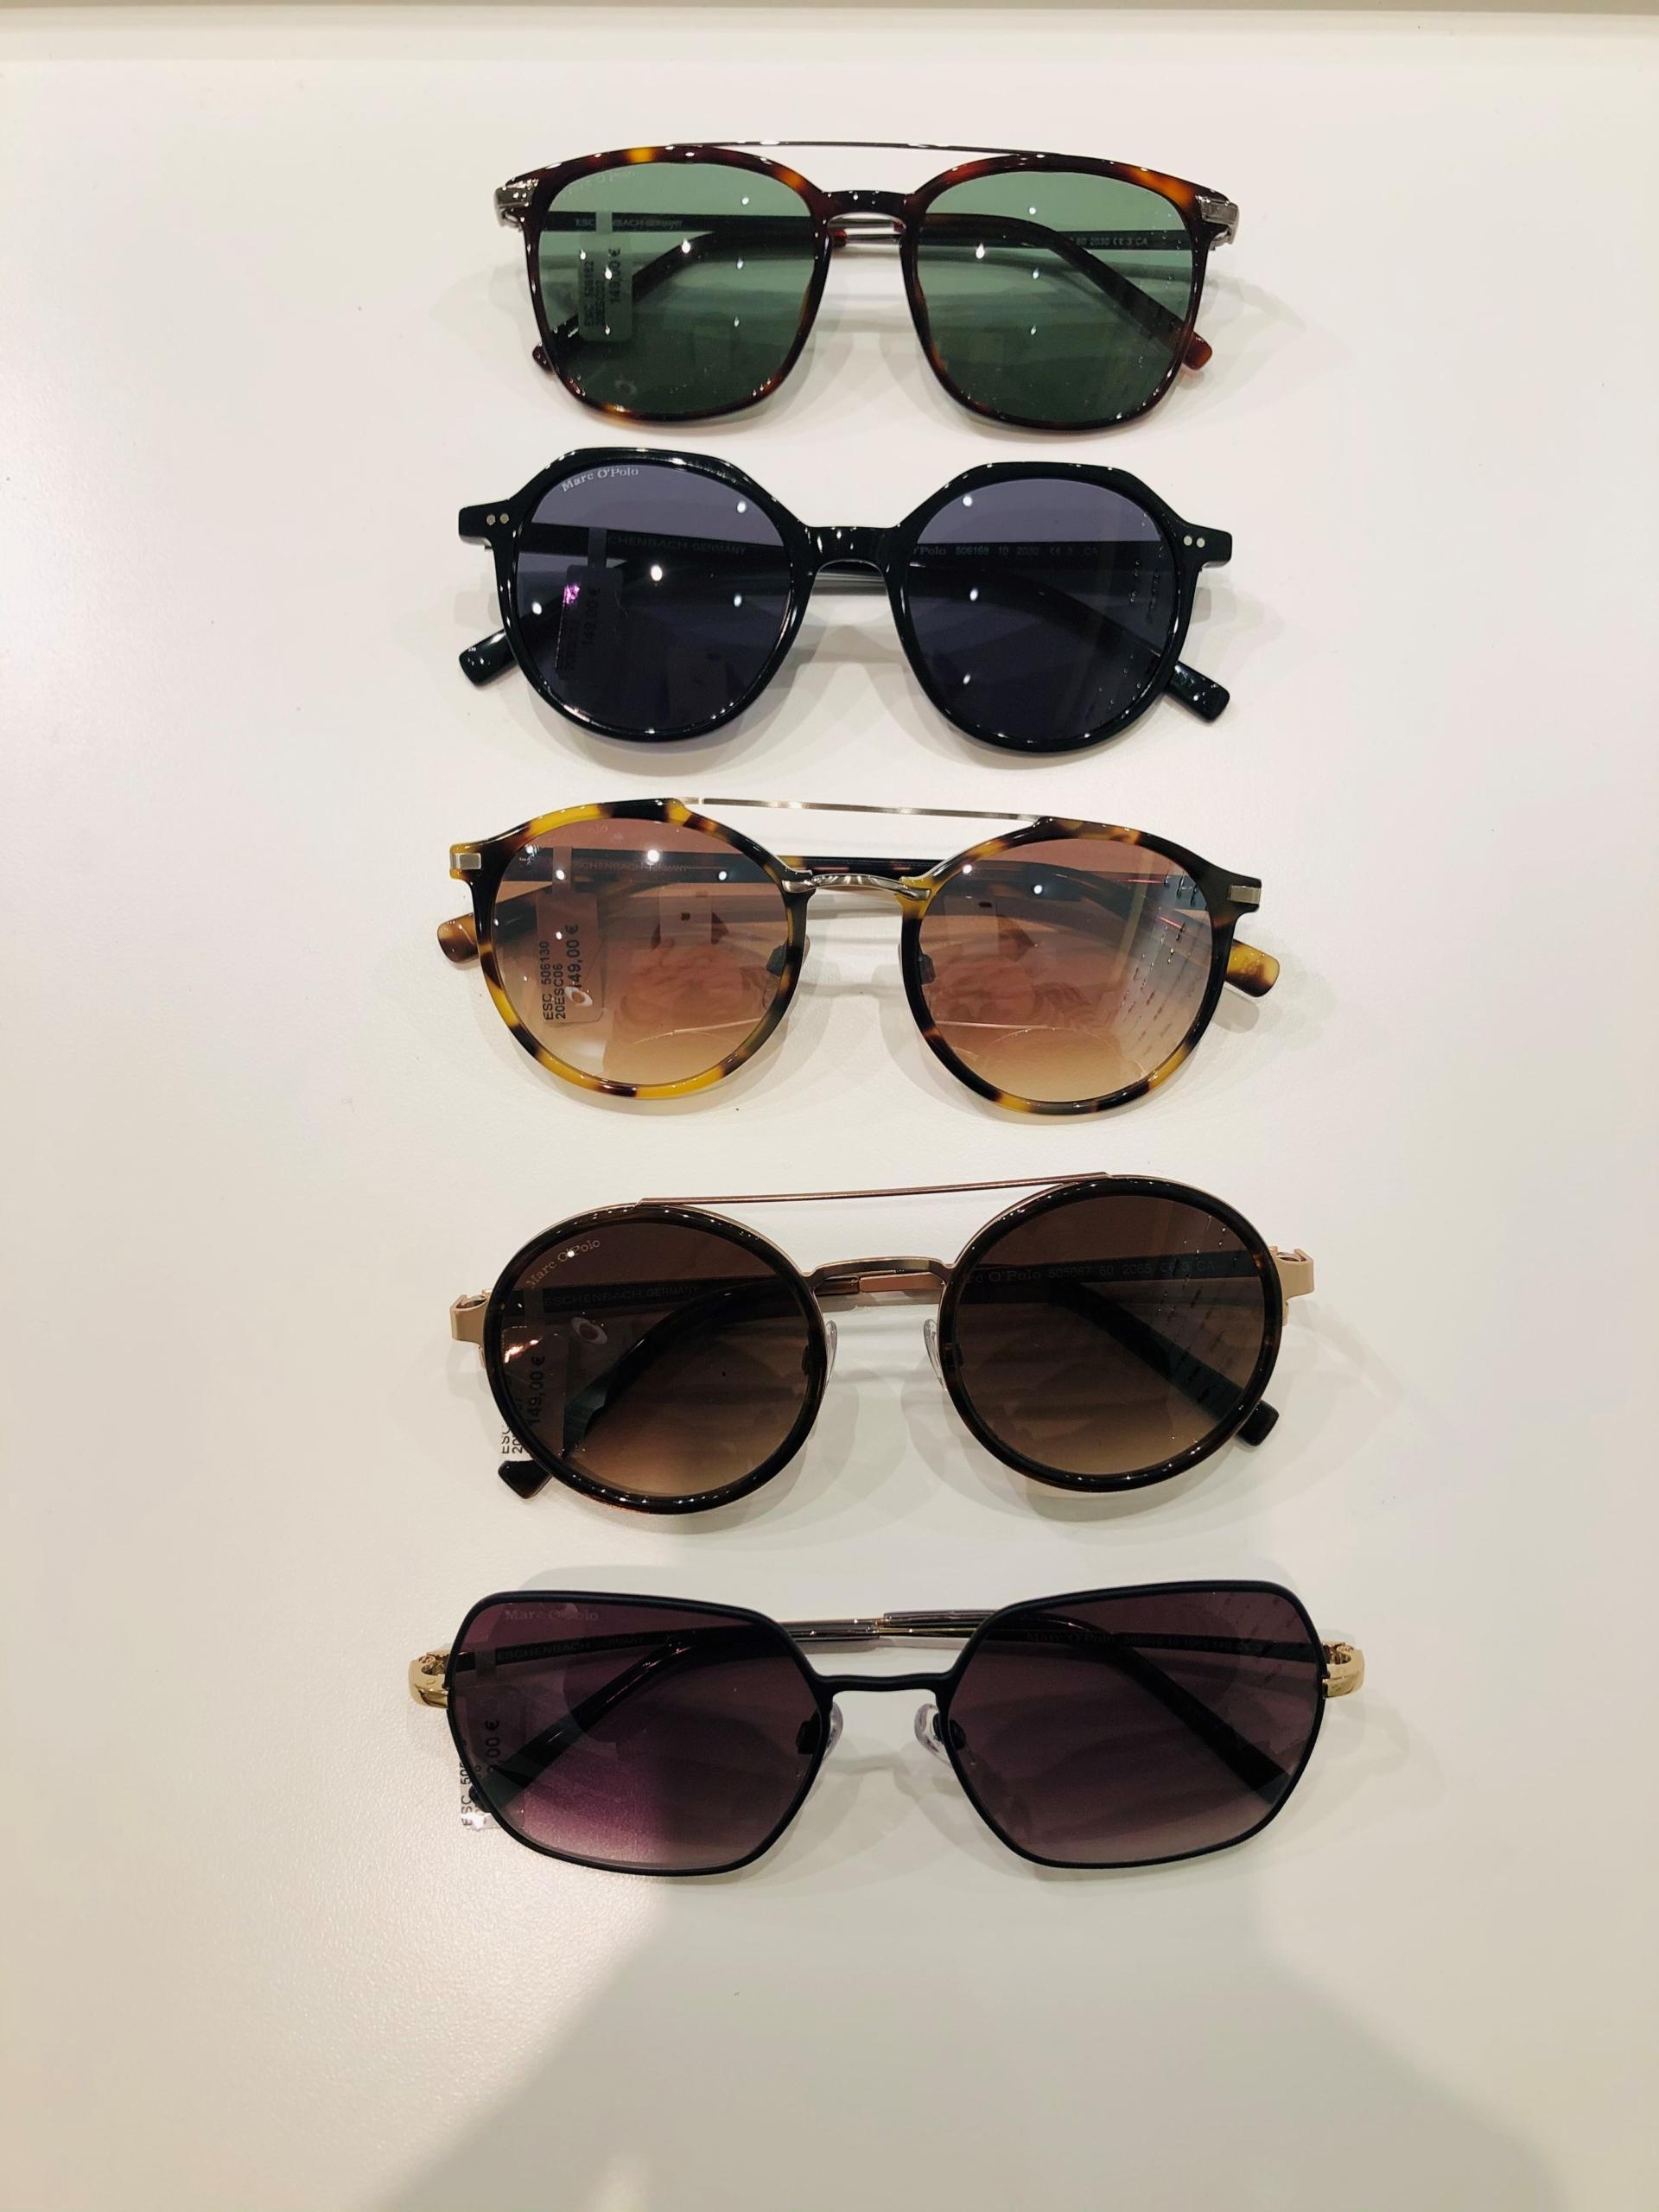 5_Schaufenster online_03012021_Optiker Augensache Brille Kontaktlinse Friedberg_ESCADA_MARC OPOLO_Sonnenbrille